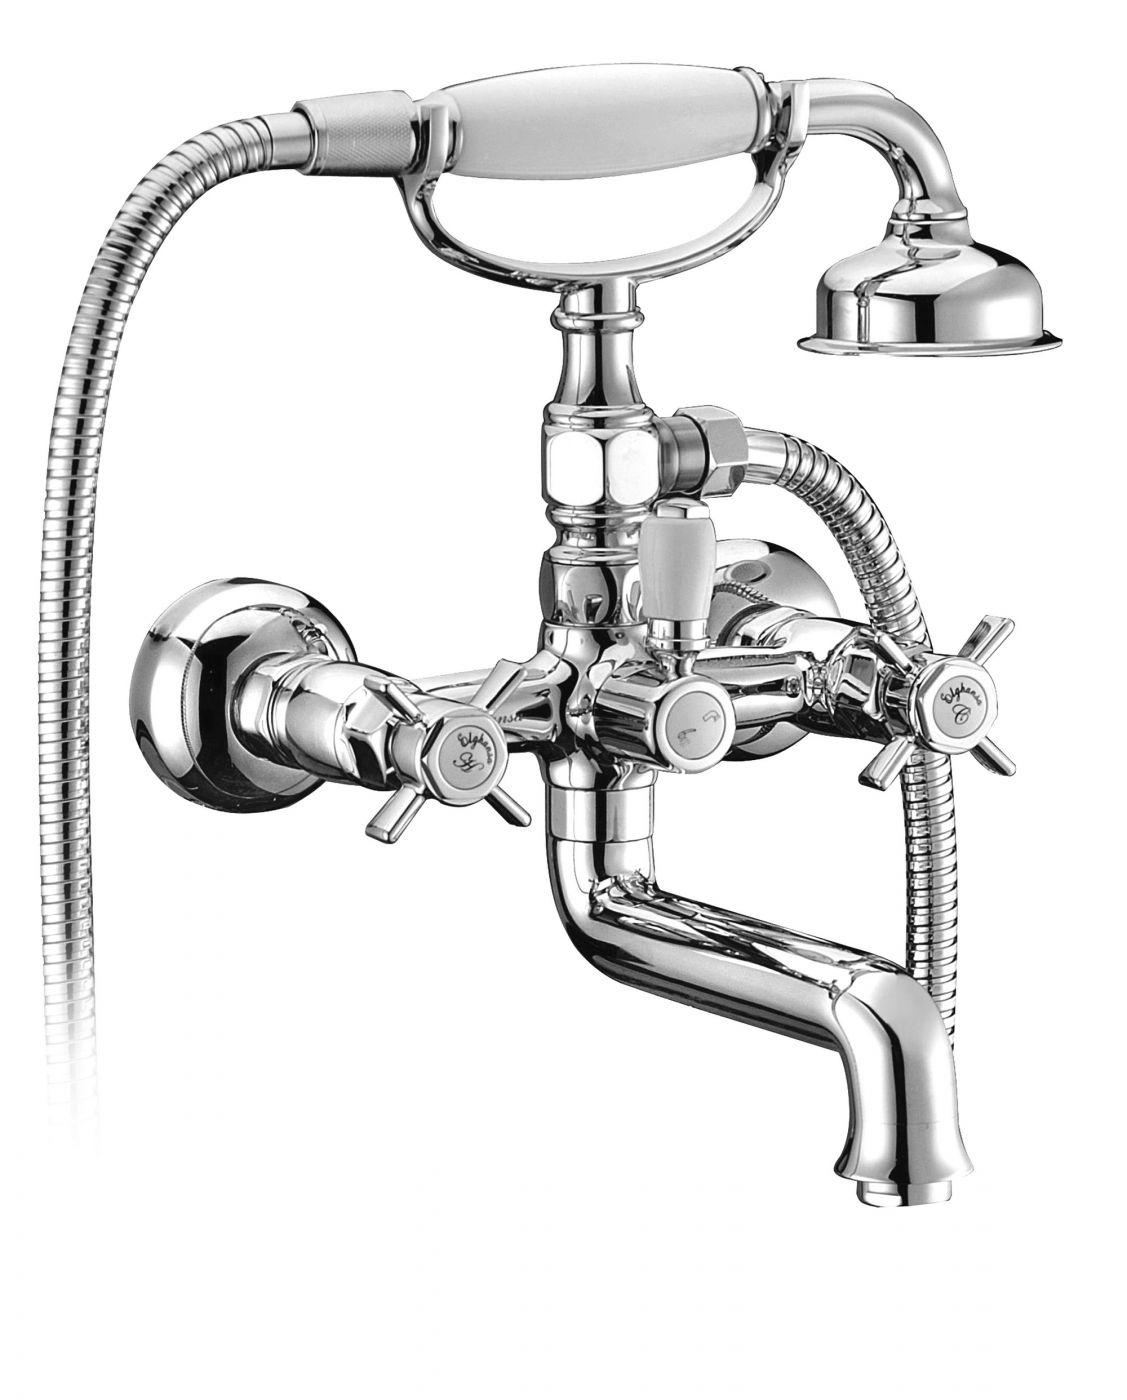 Смеситель для ванны Elghansa Praktic 2322660 (хром)